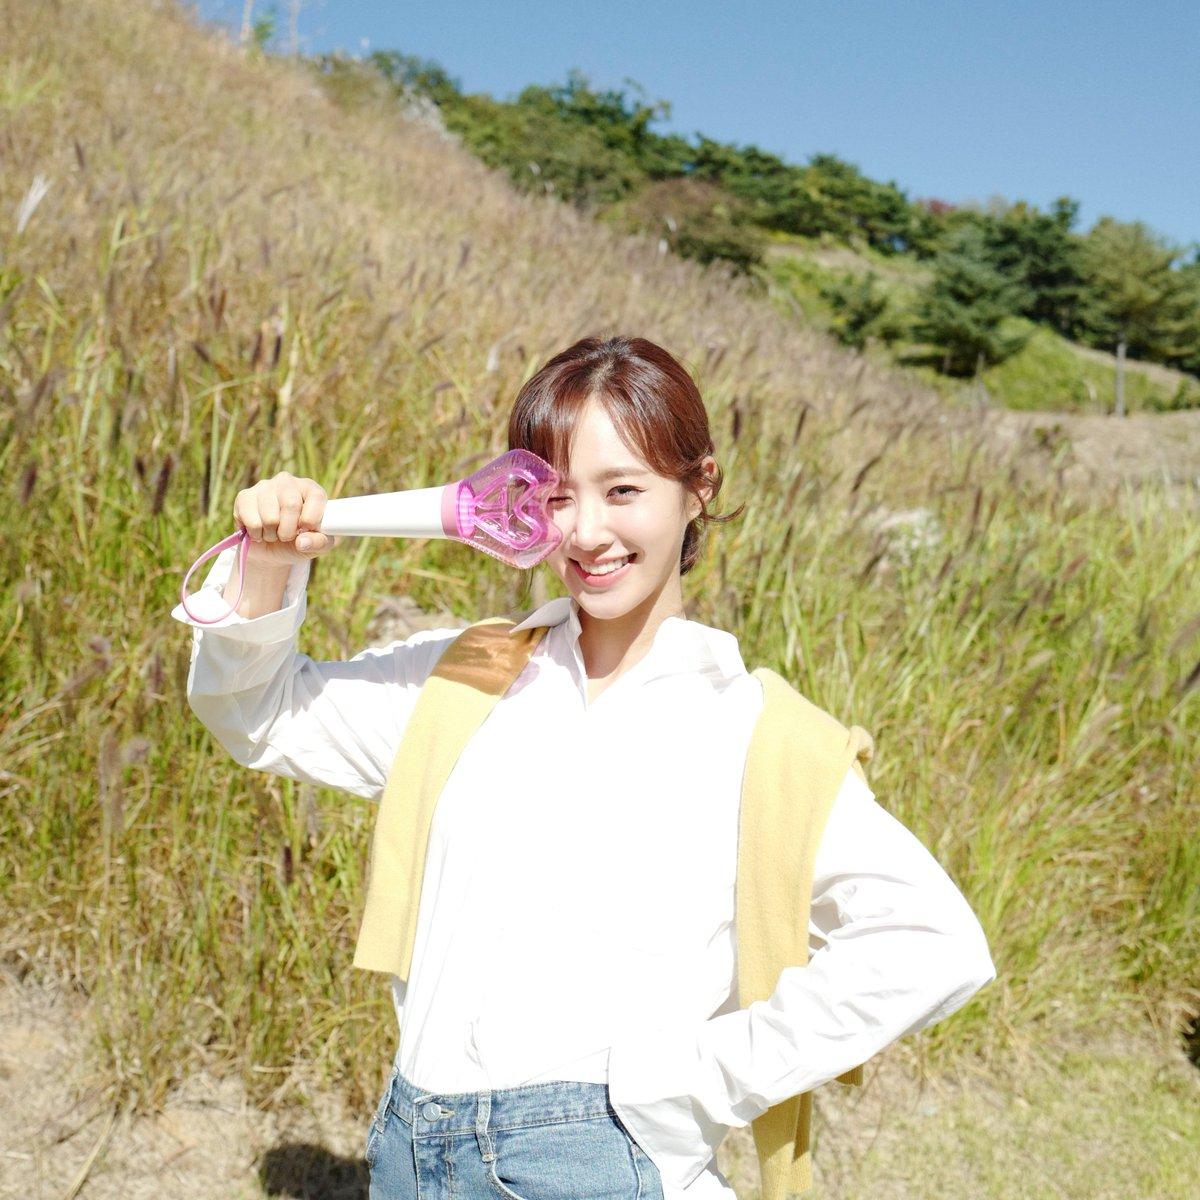 가을 하늘만큼 맑고 화창한 미소와 함께 소녀시대 응원봉을 든 유리의 모습 보면서 오늘도 힘내세요!💖  #유리 #YURI #소녀시대 #GirlsGeneration